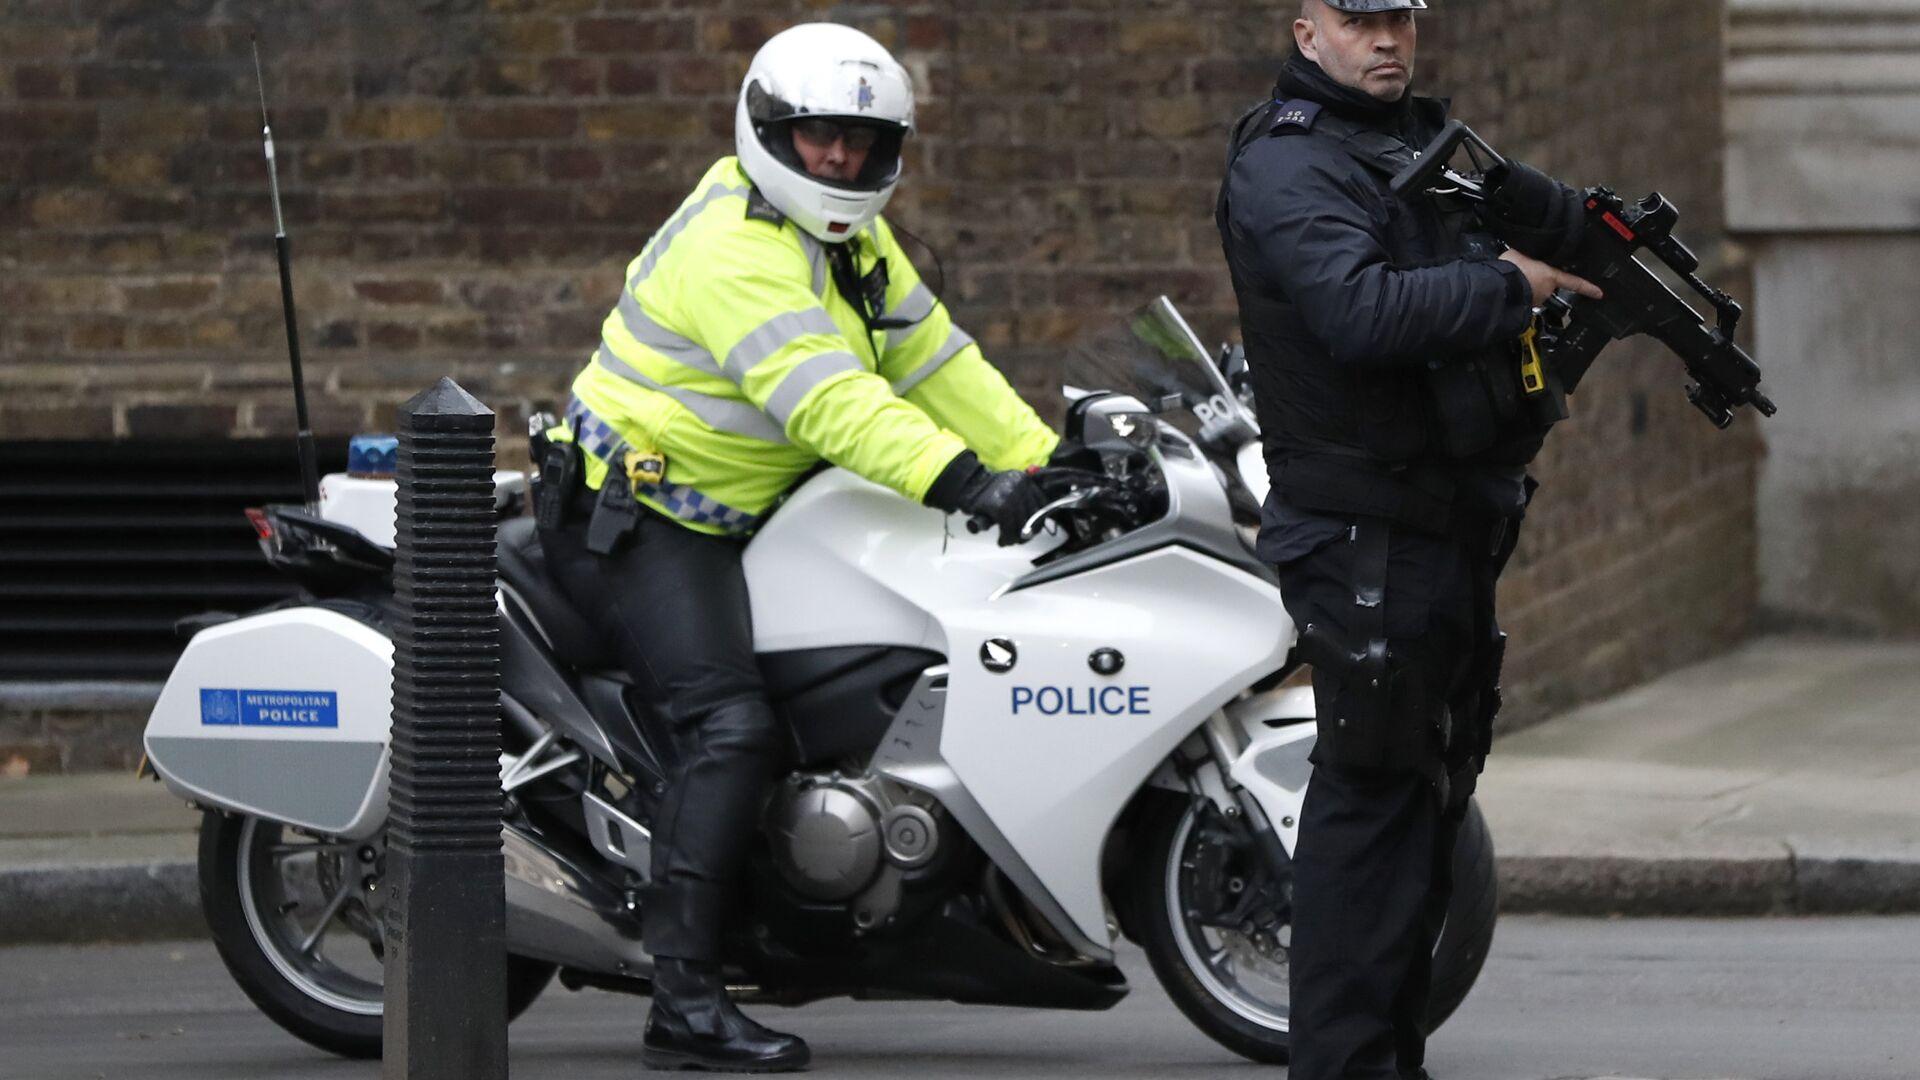 Agenti della polizia di Londra - Sputnik Italia, 1920, 07.08.2021